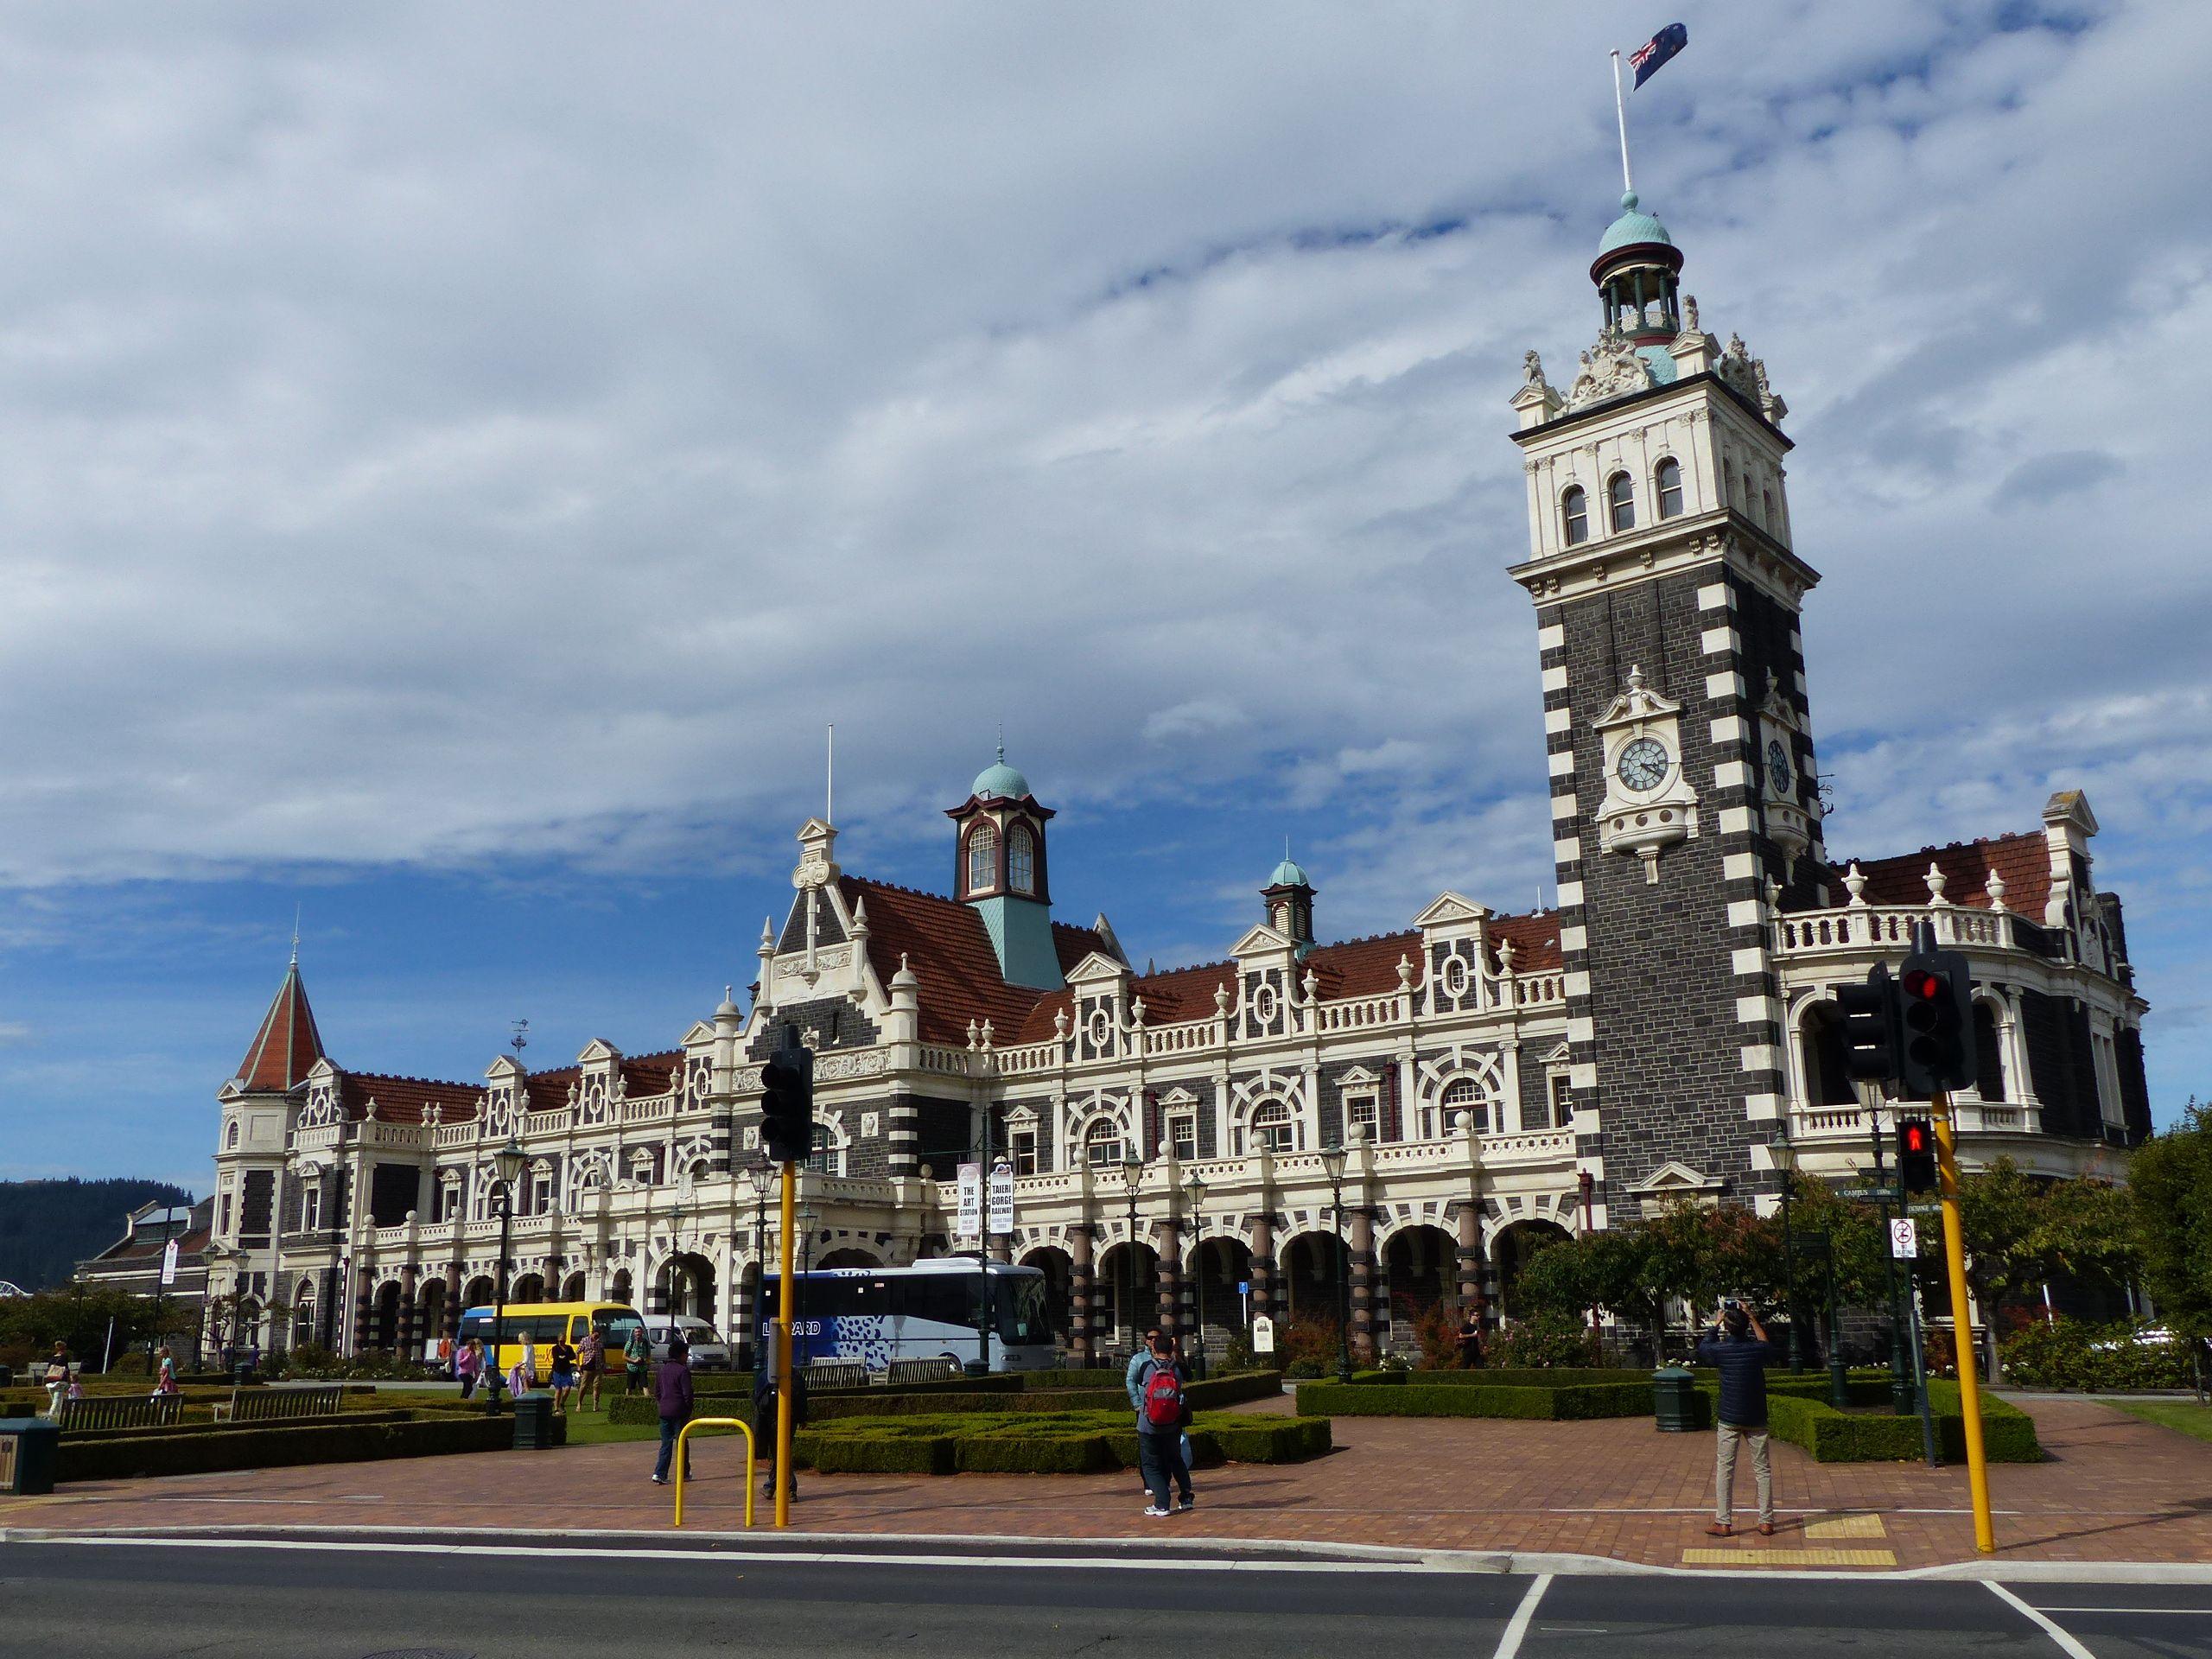 Eines der beliebtesten Fotomotive Neuseelands: Dunedin Railway Station.